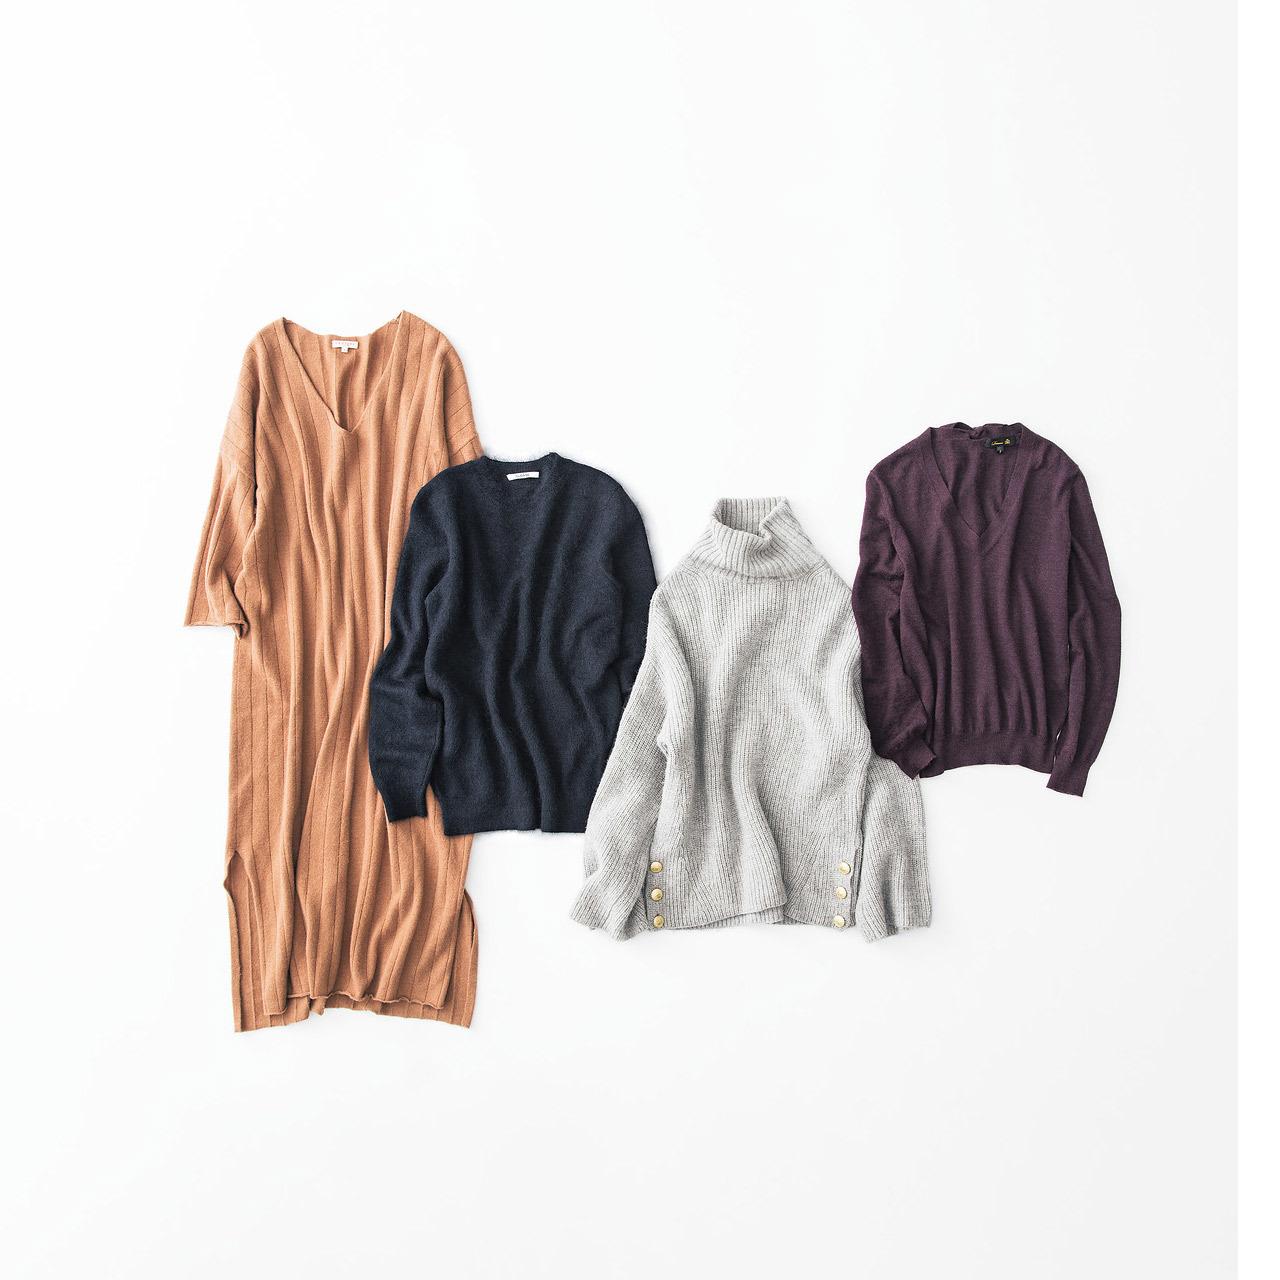 コートやレザー、ニットなど、冬物と冬小物の正しい洗濯&お手入れ方法_1_8